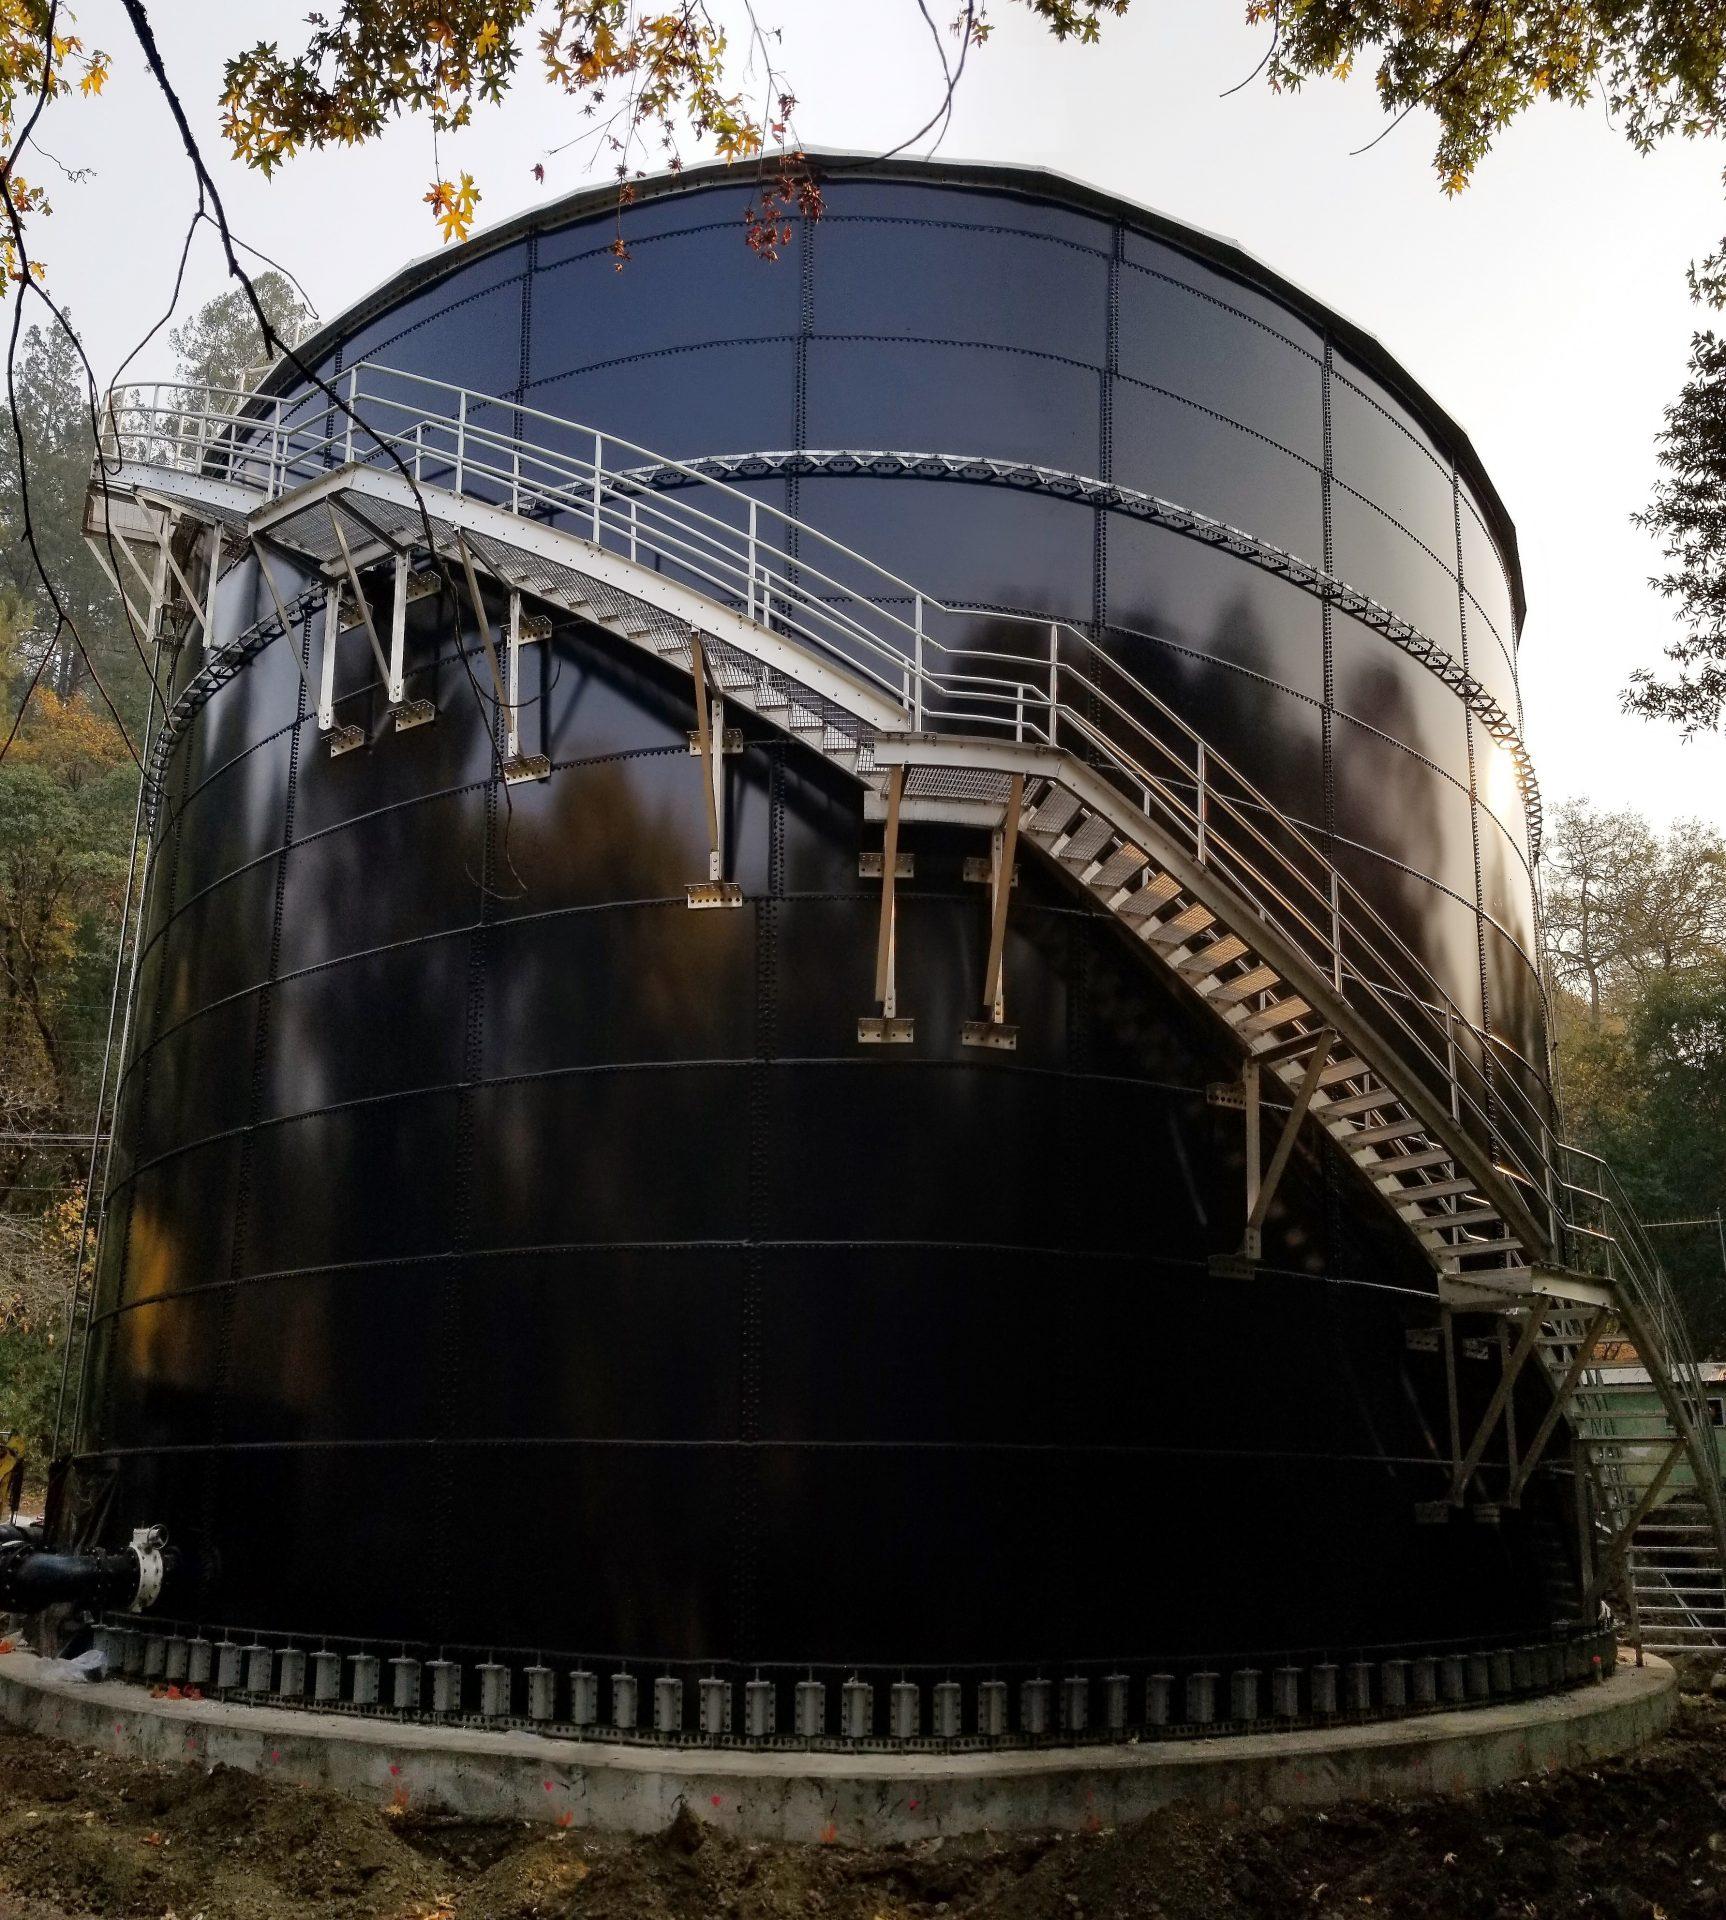 public-utility-norcal-2018 | California Aquastore